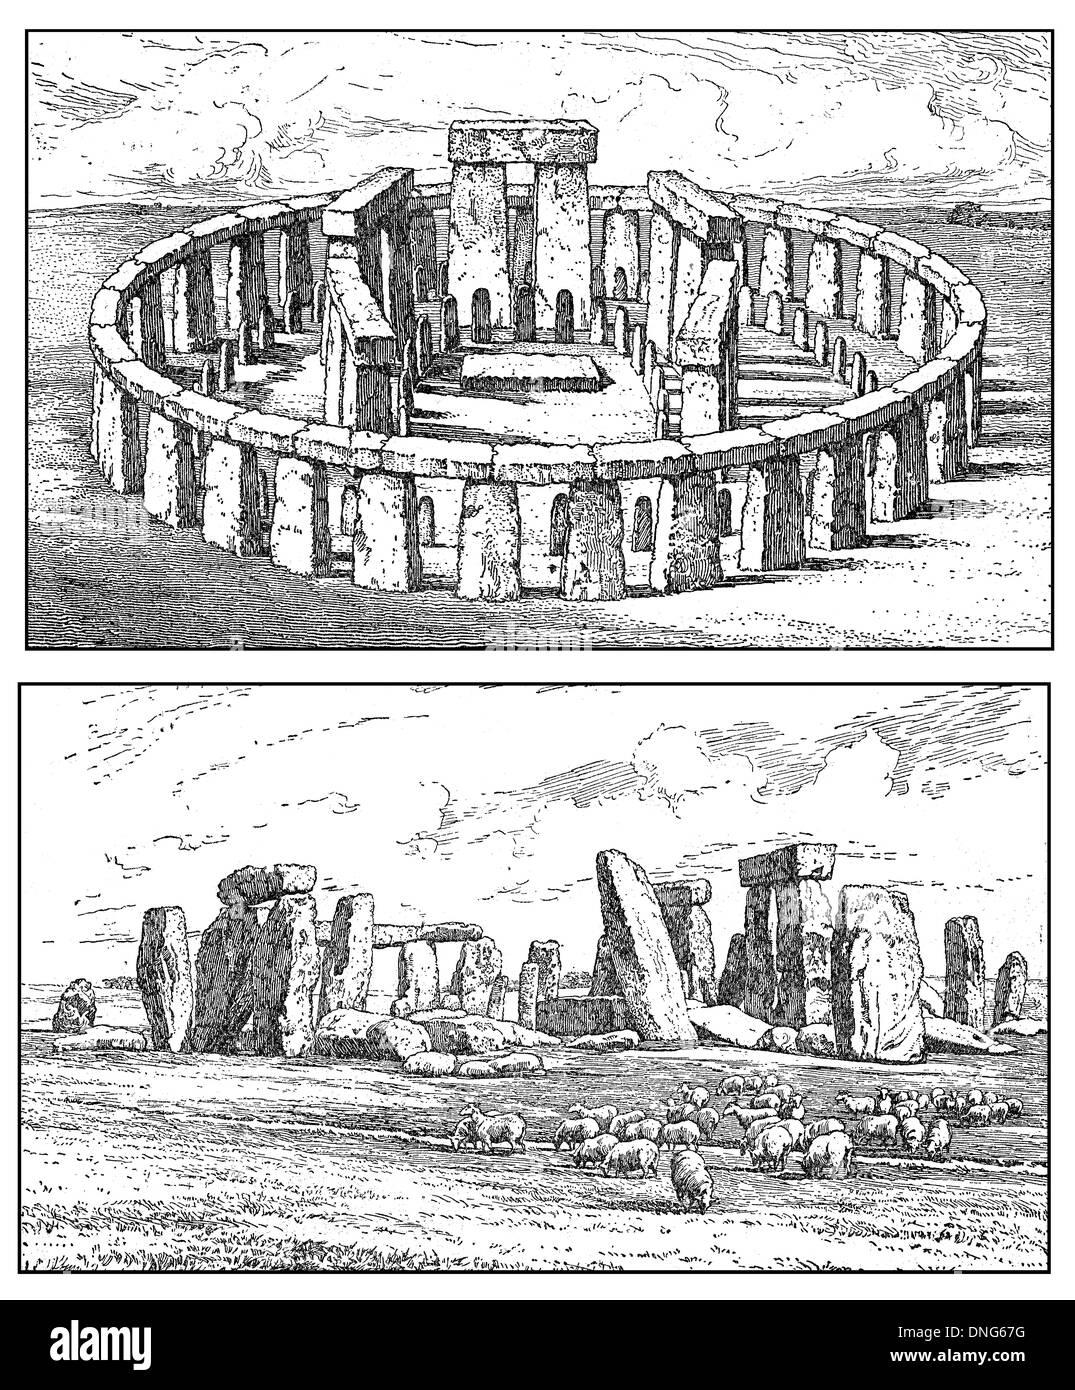 Stonehenge near Salisbury, Wiltshire, England, UK, Europe, 2000 BC and today, - Stock Image